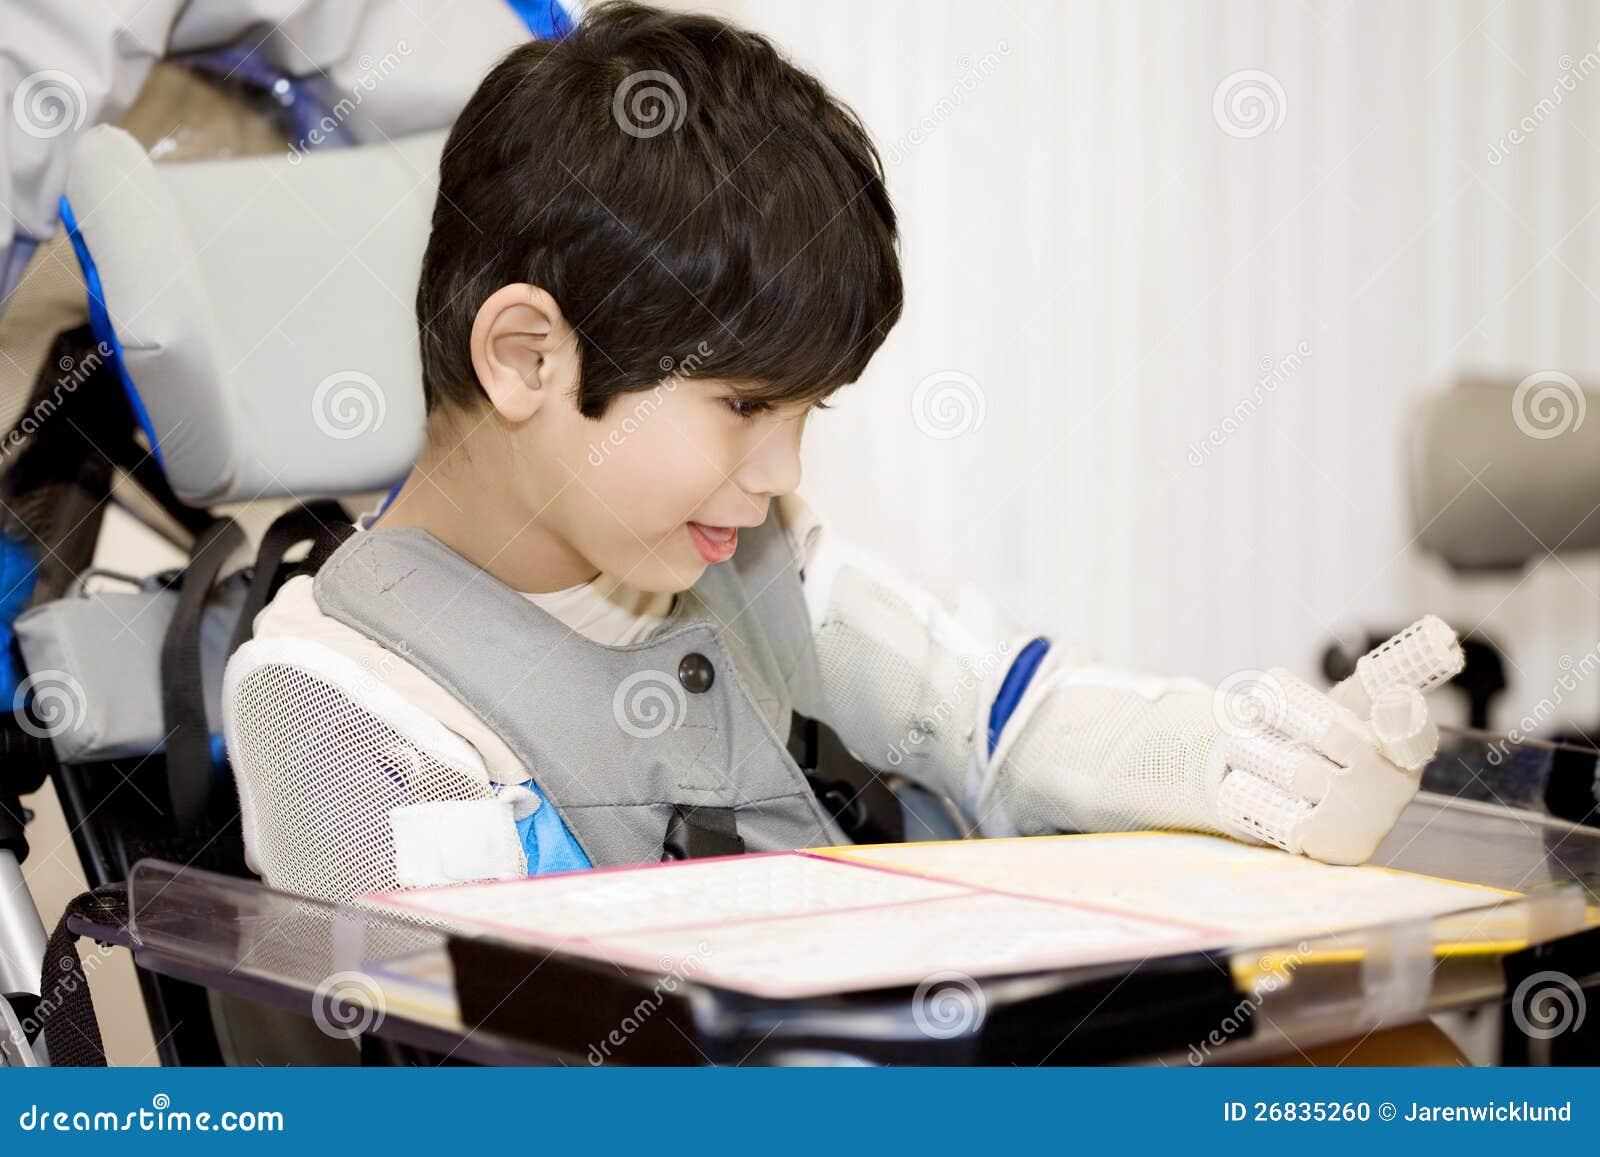 Femåring inaktiverad pojke som studerar i rullstol